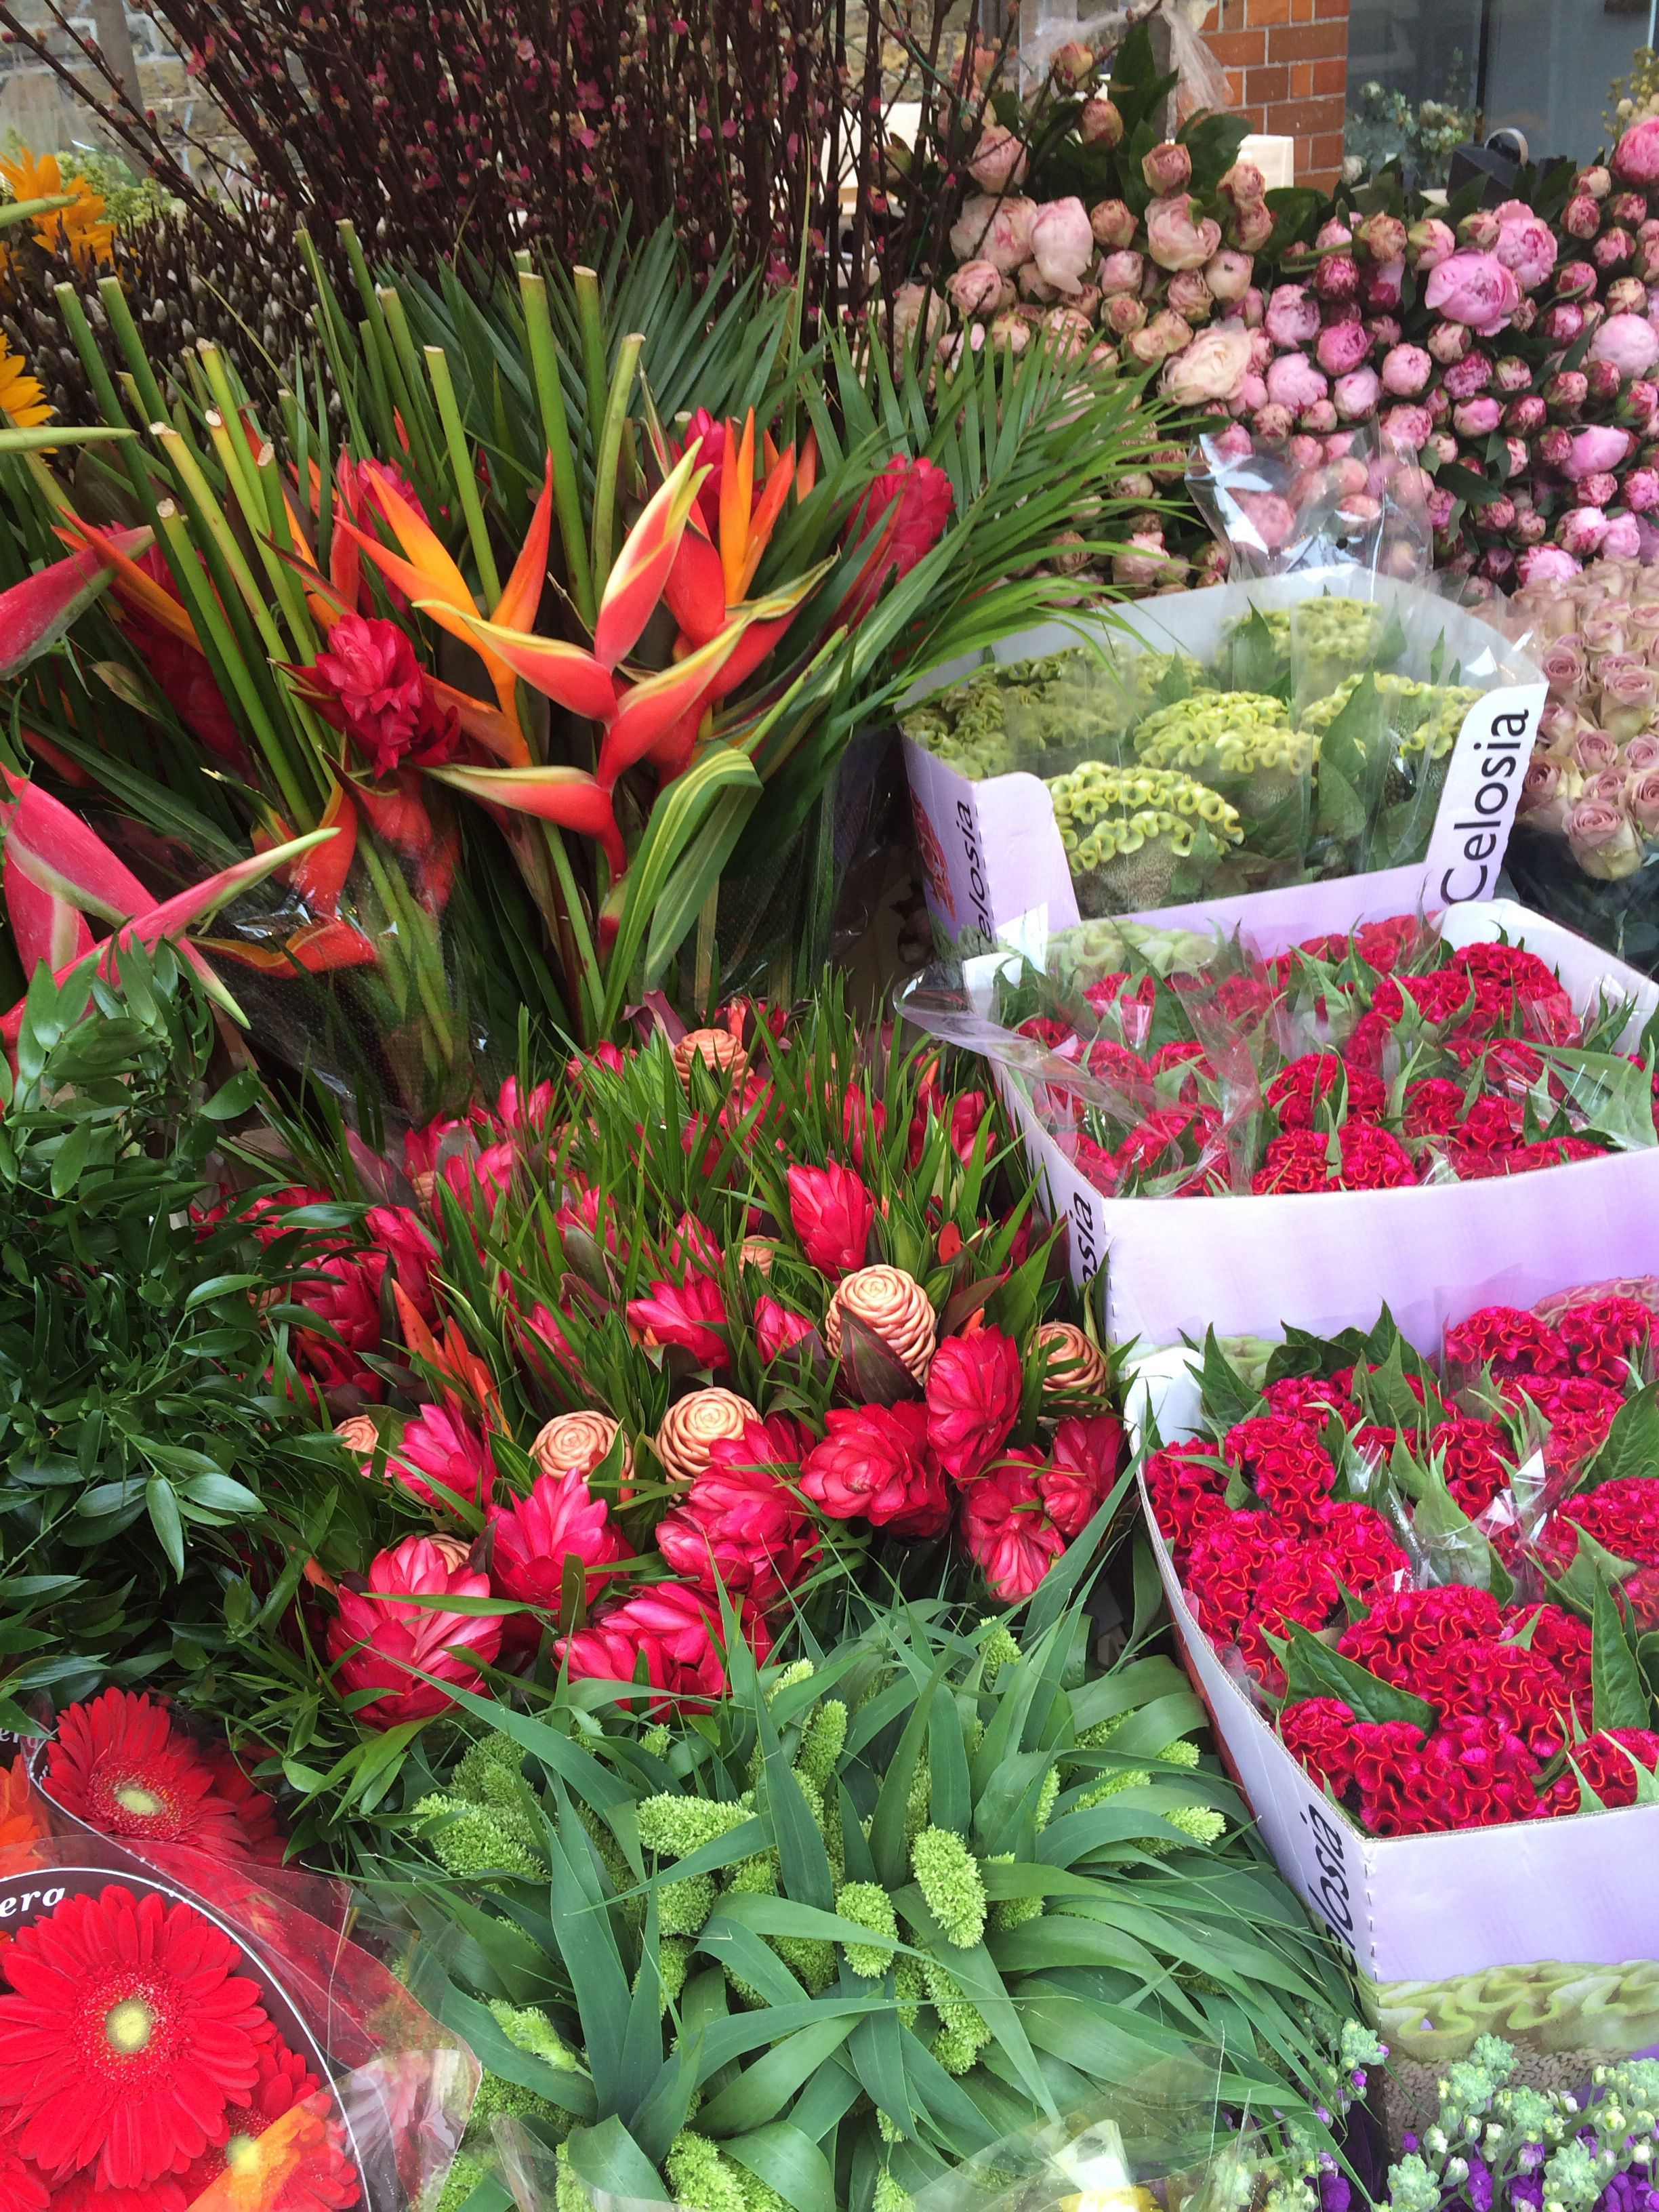 Colombia Road Flower Market Fleuriste